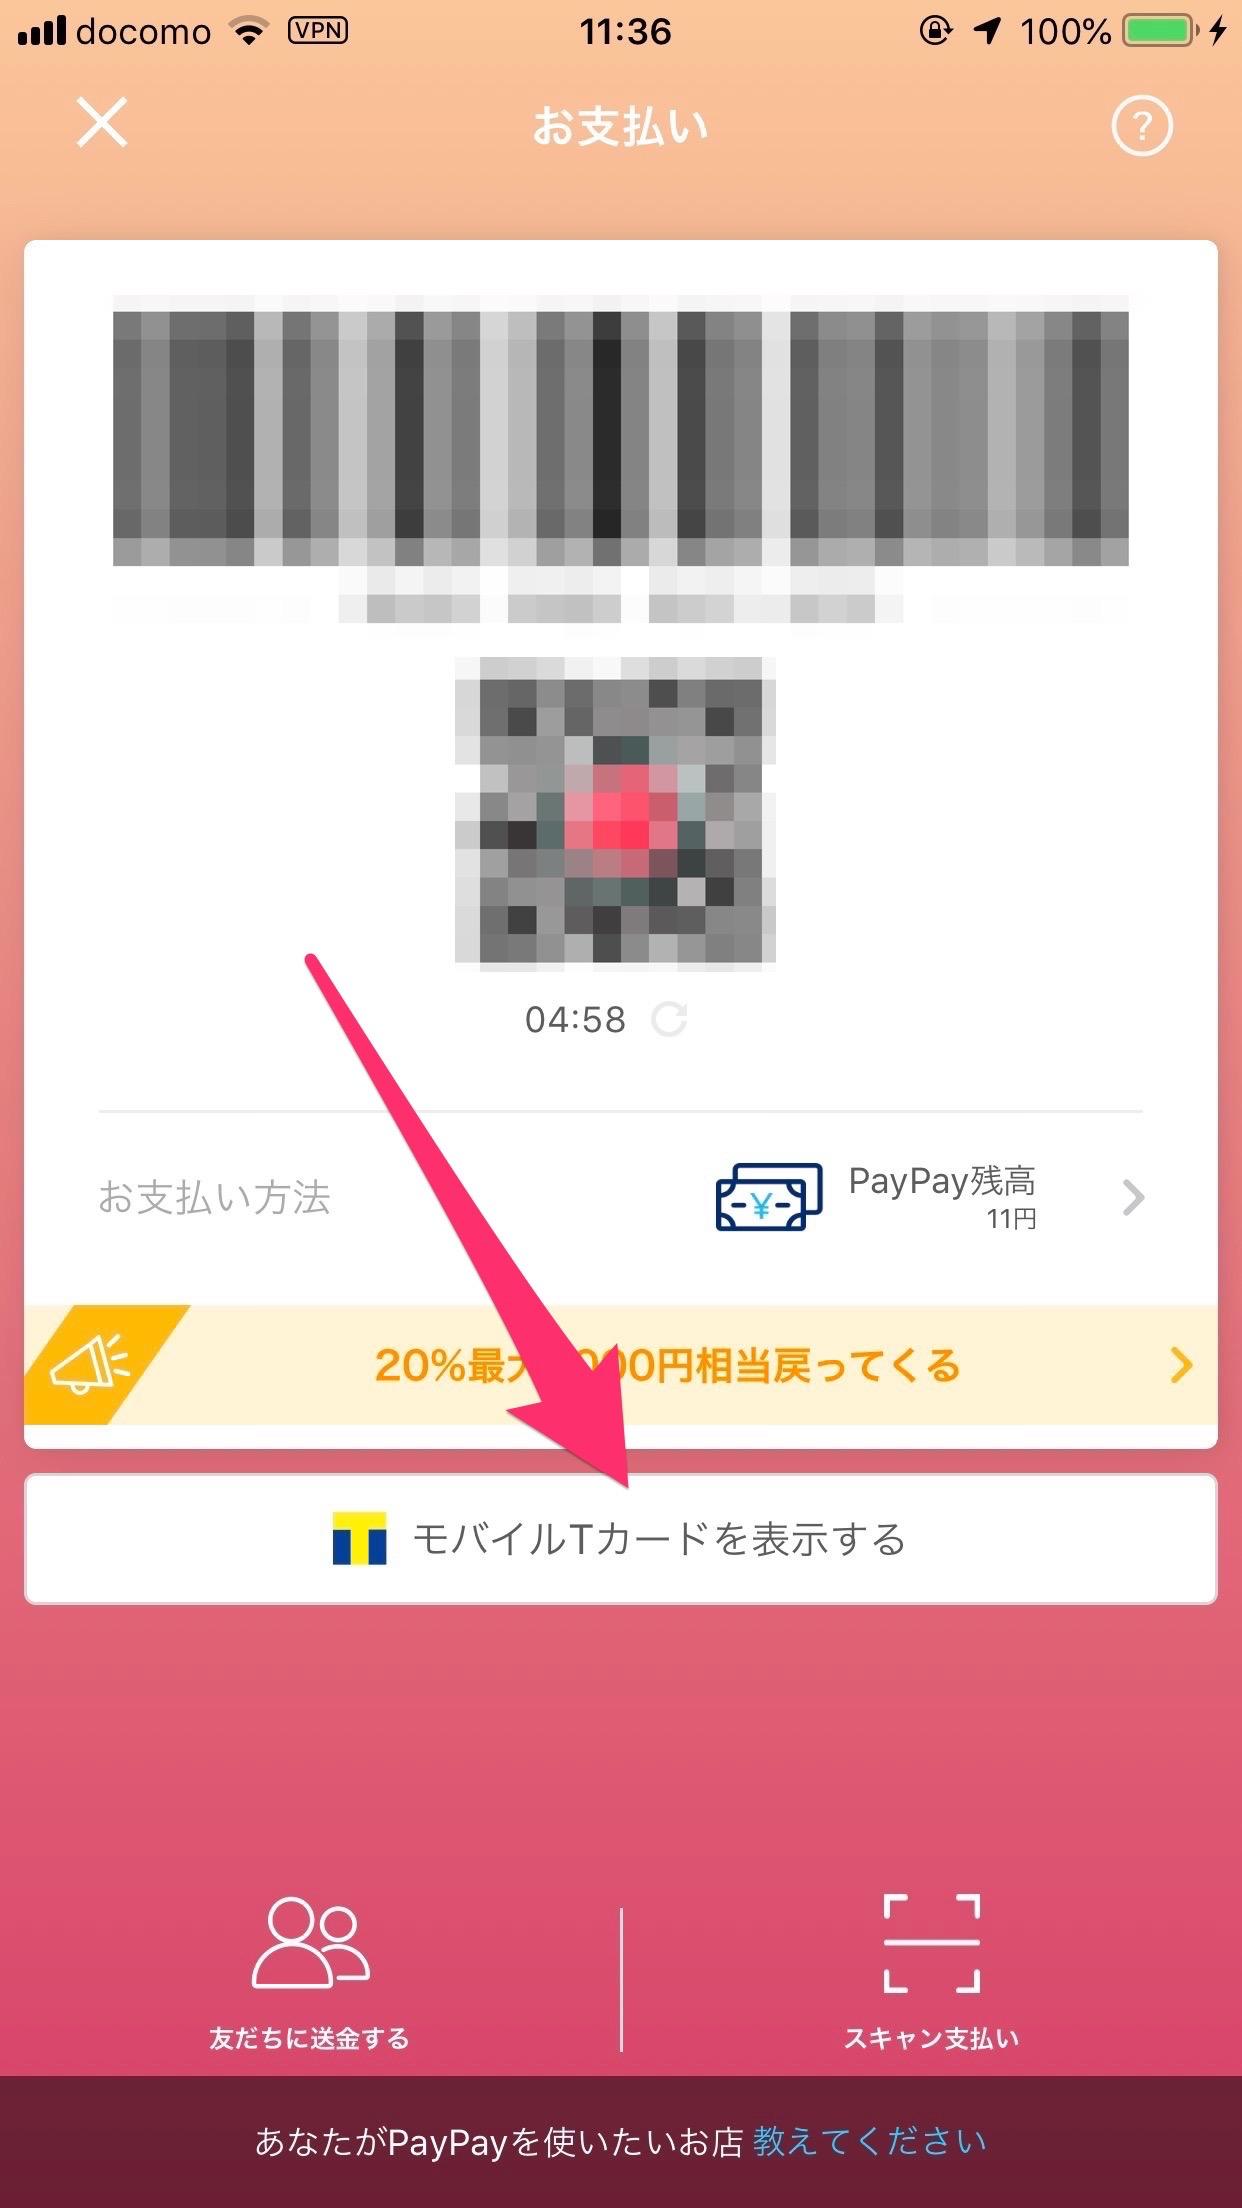 【PayPay】スマホ決済画面でモバイルTカードの表示が可能に